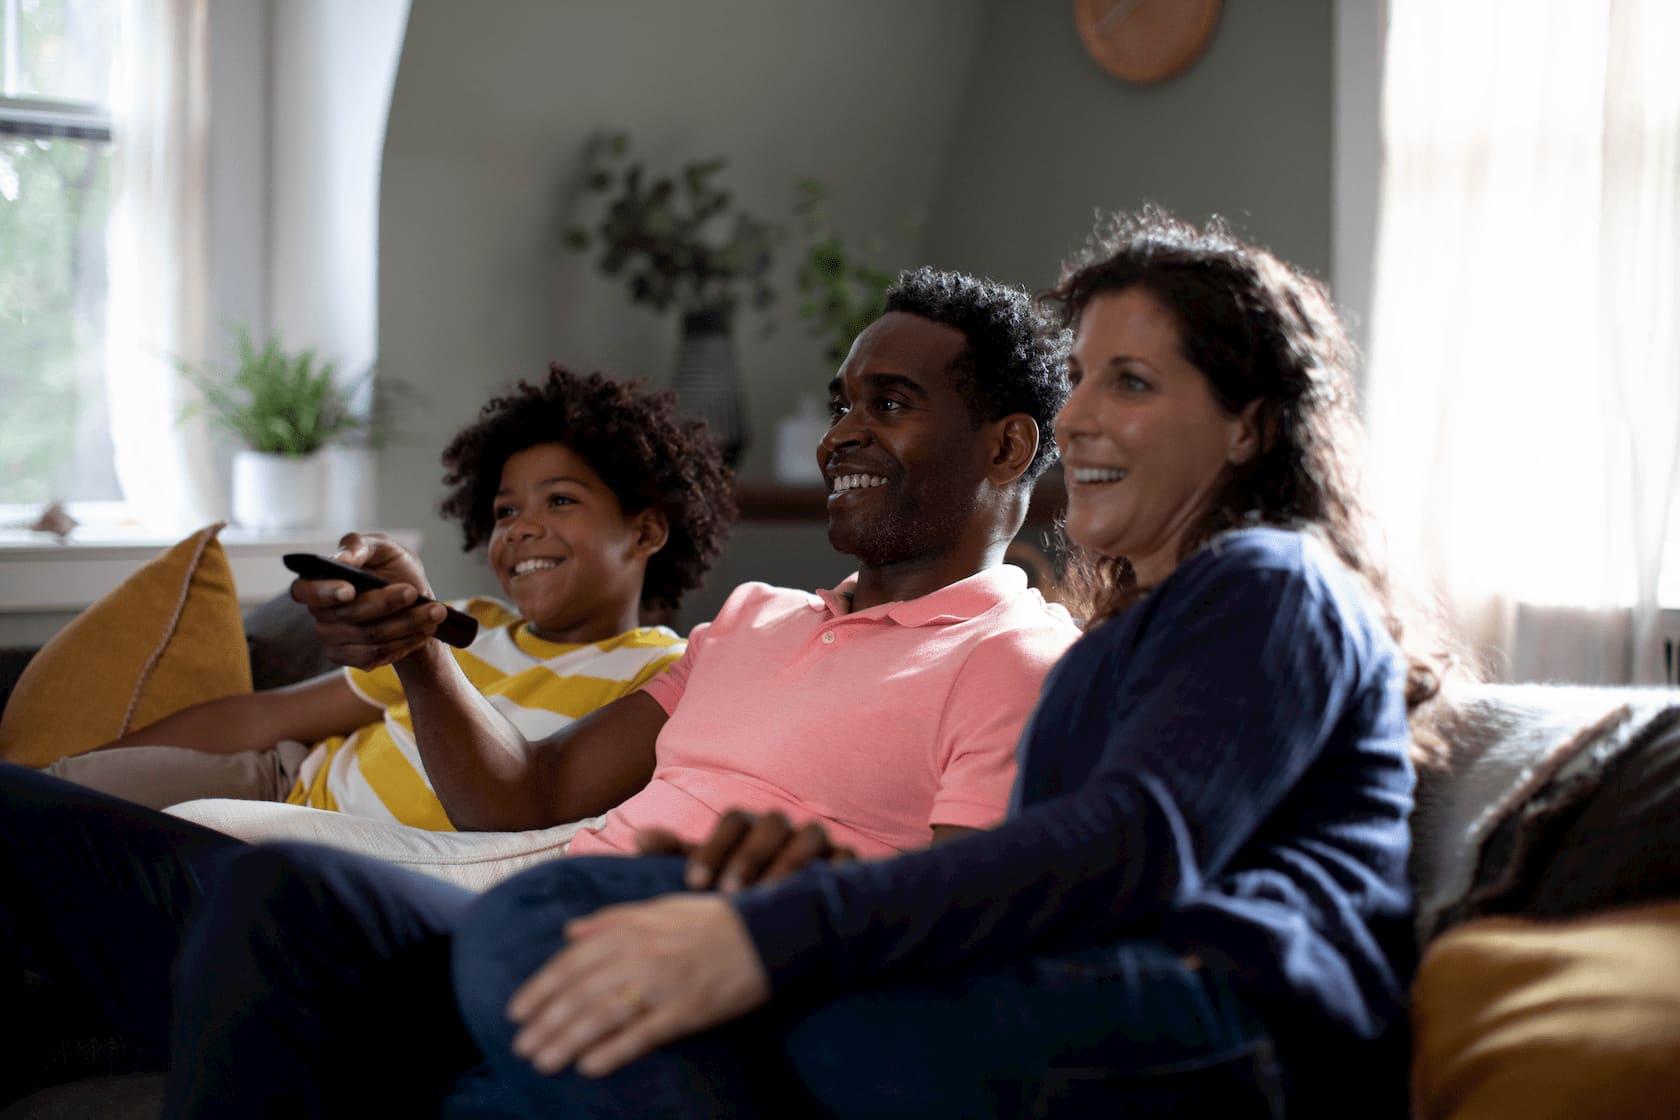 Foto de una familia emocionada sentada en una sala iluminada, usando el control remoto, preparados para ver una película en su televisor.